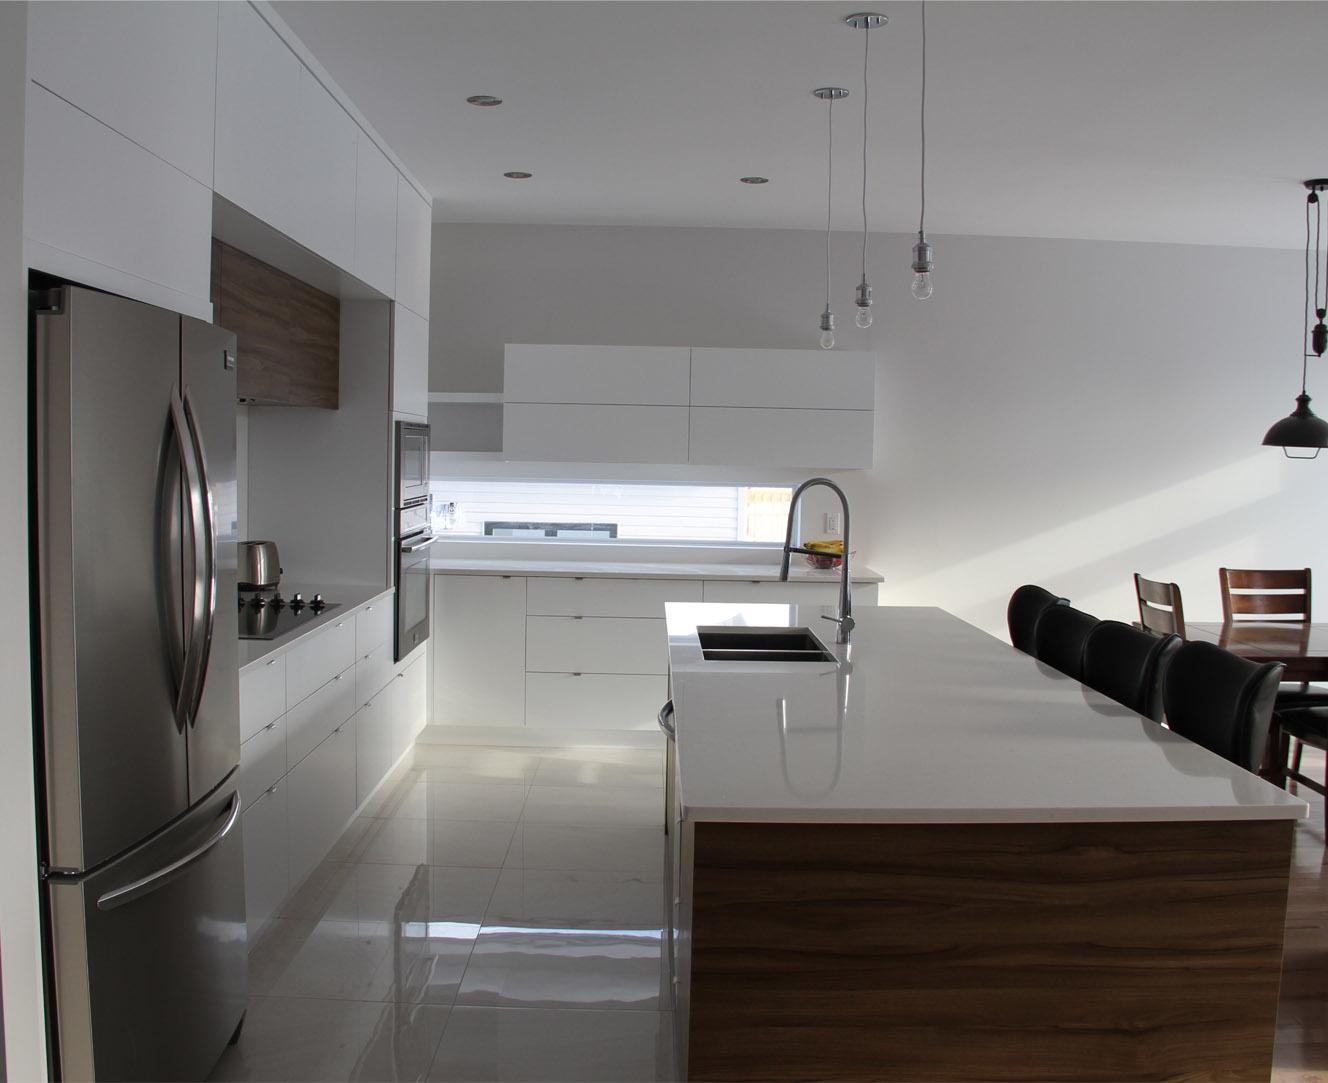 Armoires de cuisine st j r me et r novation salles de bain et comptoir - Armoire salle de bain blanc ...